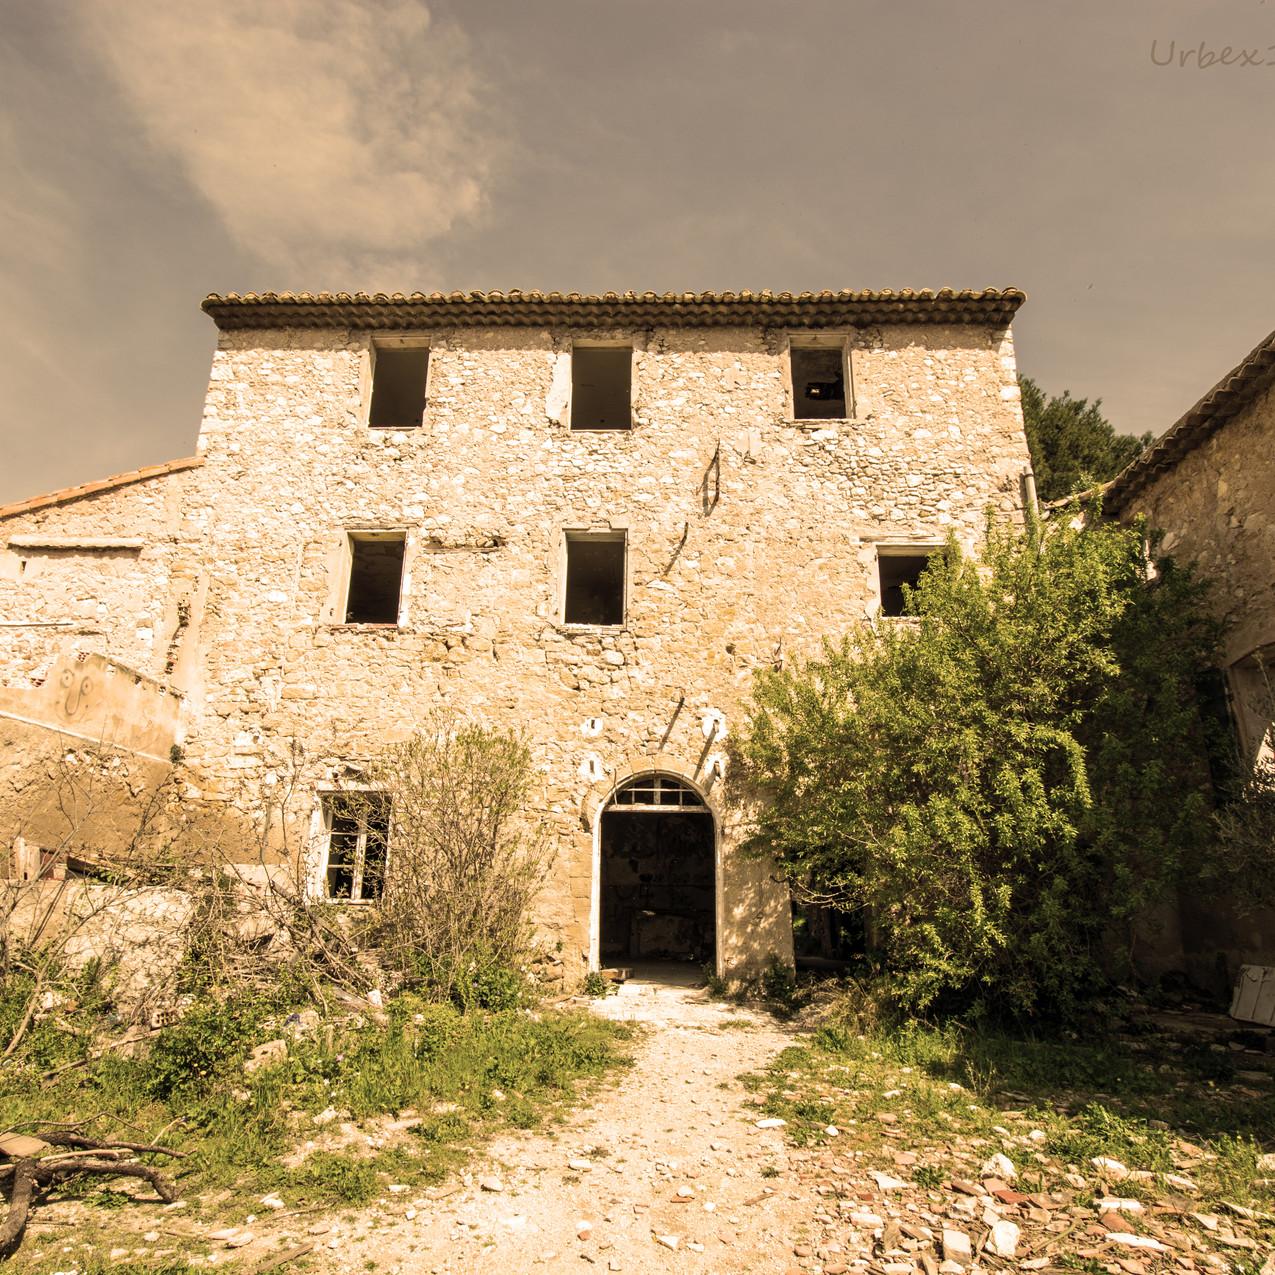 Urbex - Village d'essai 11